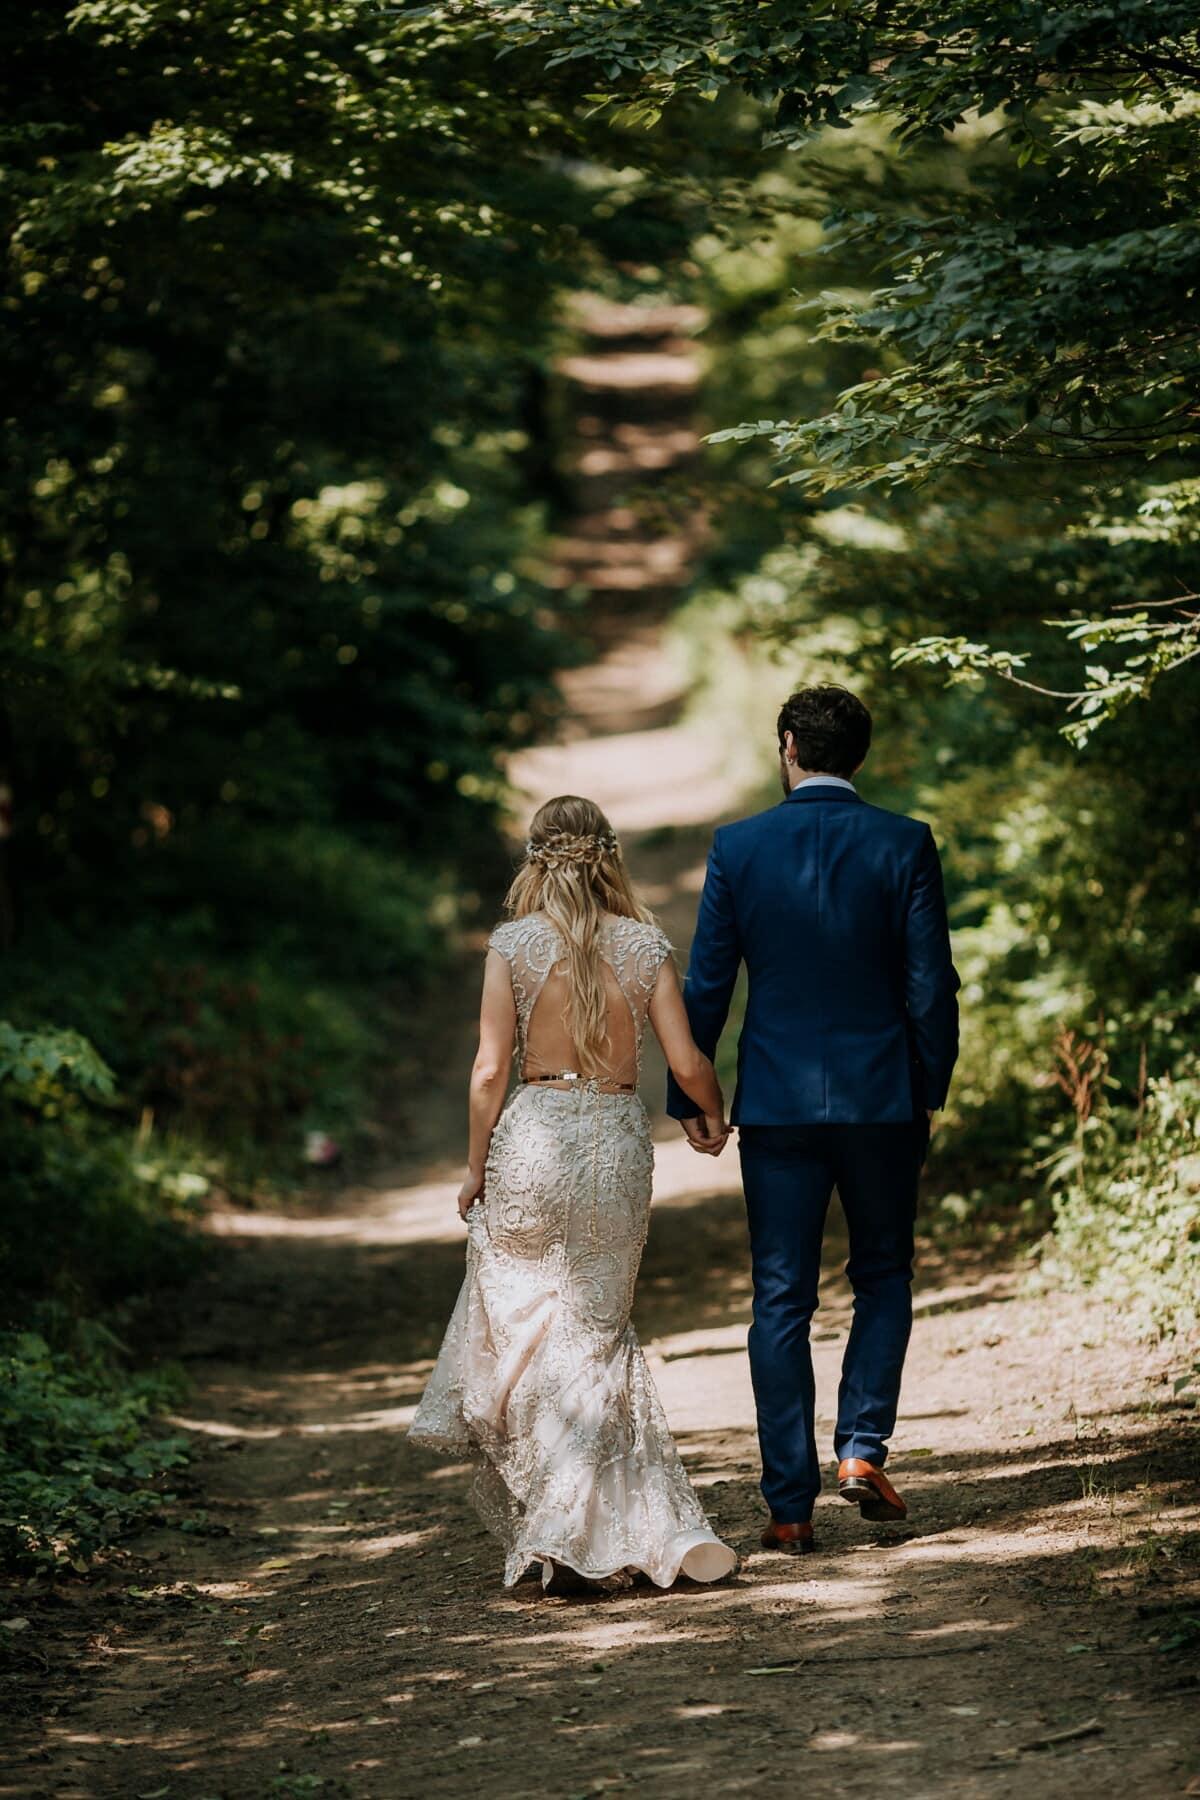 marche, femme, mari, route forestière, randonnée, couple, jeune marié, mariage, la mariée, jeune fille